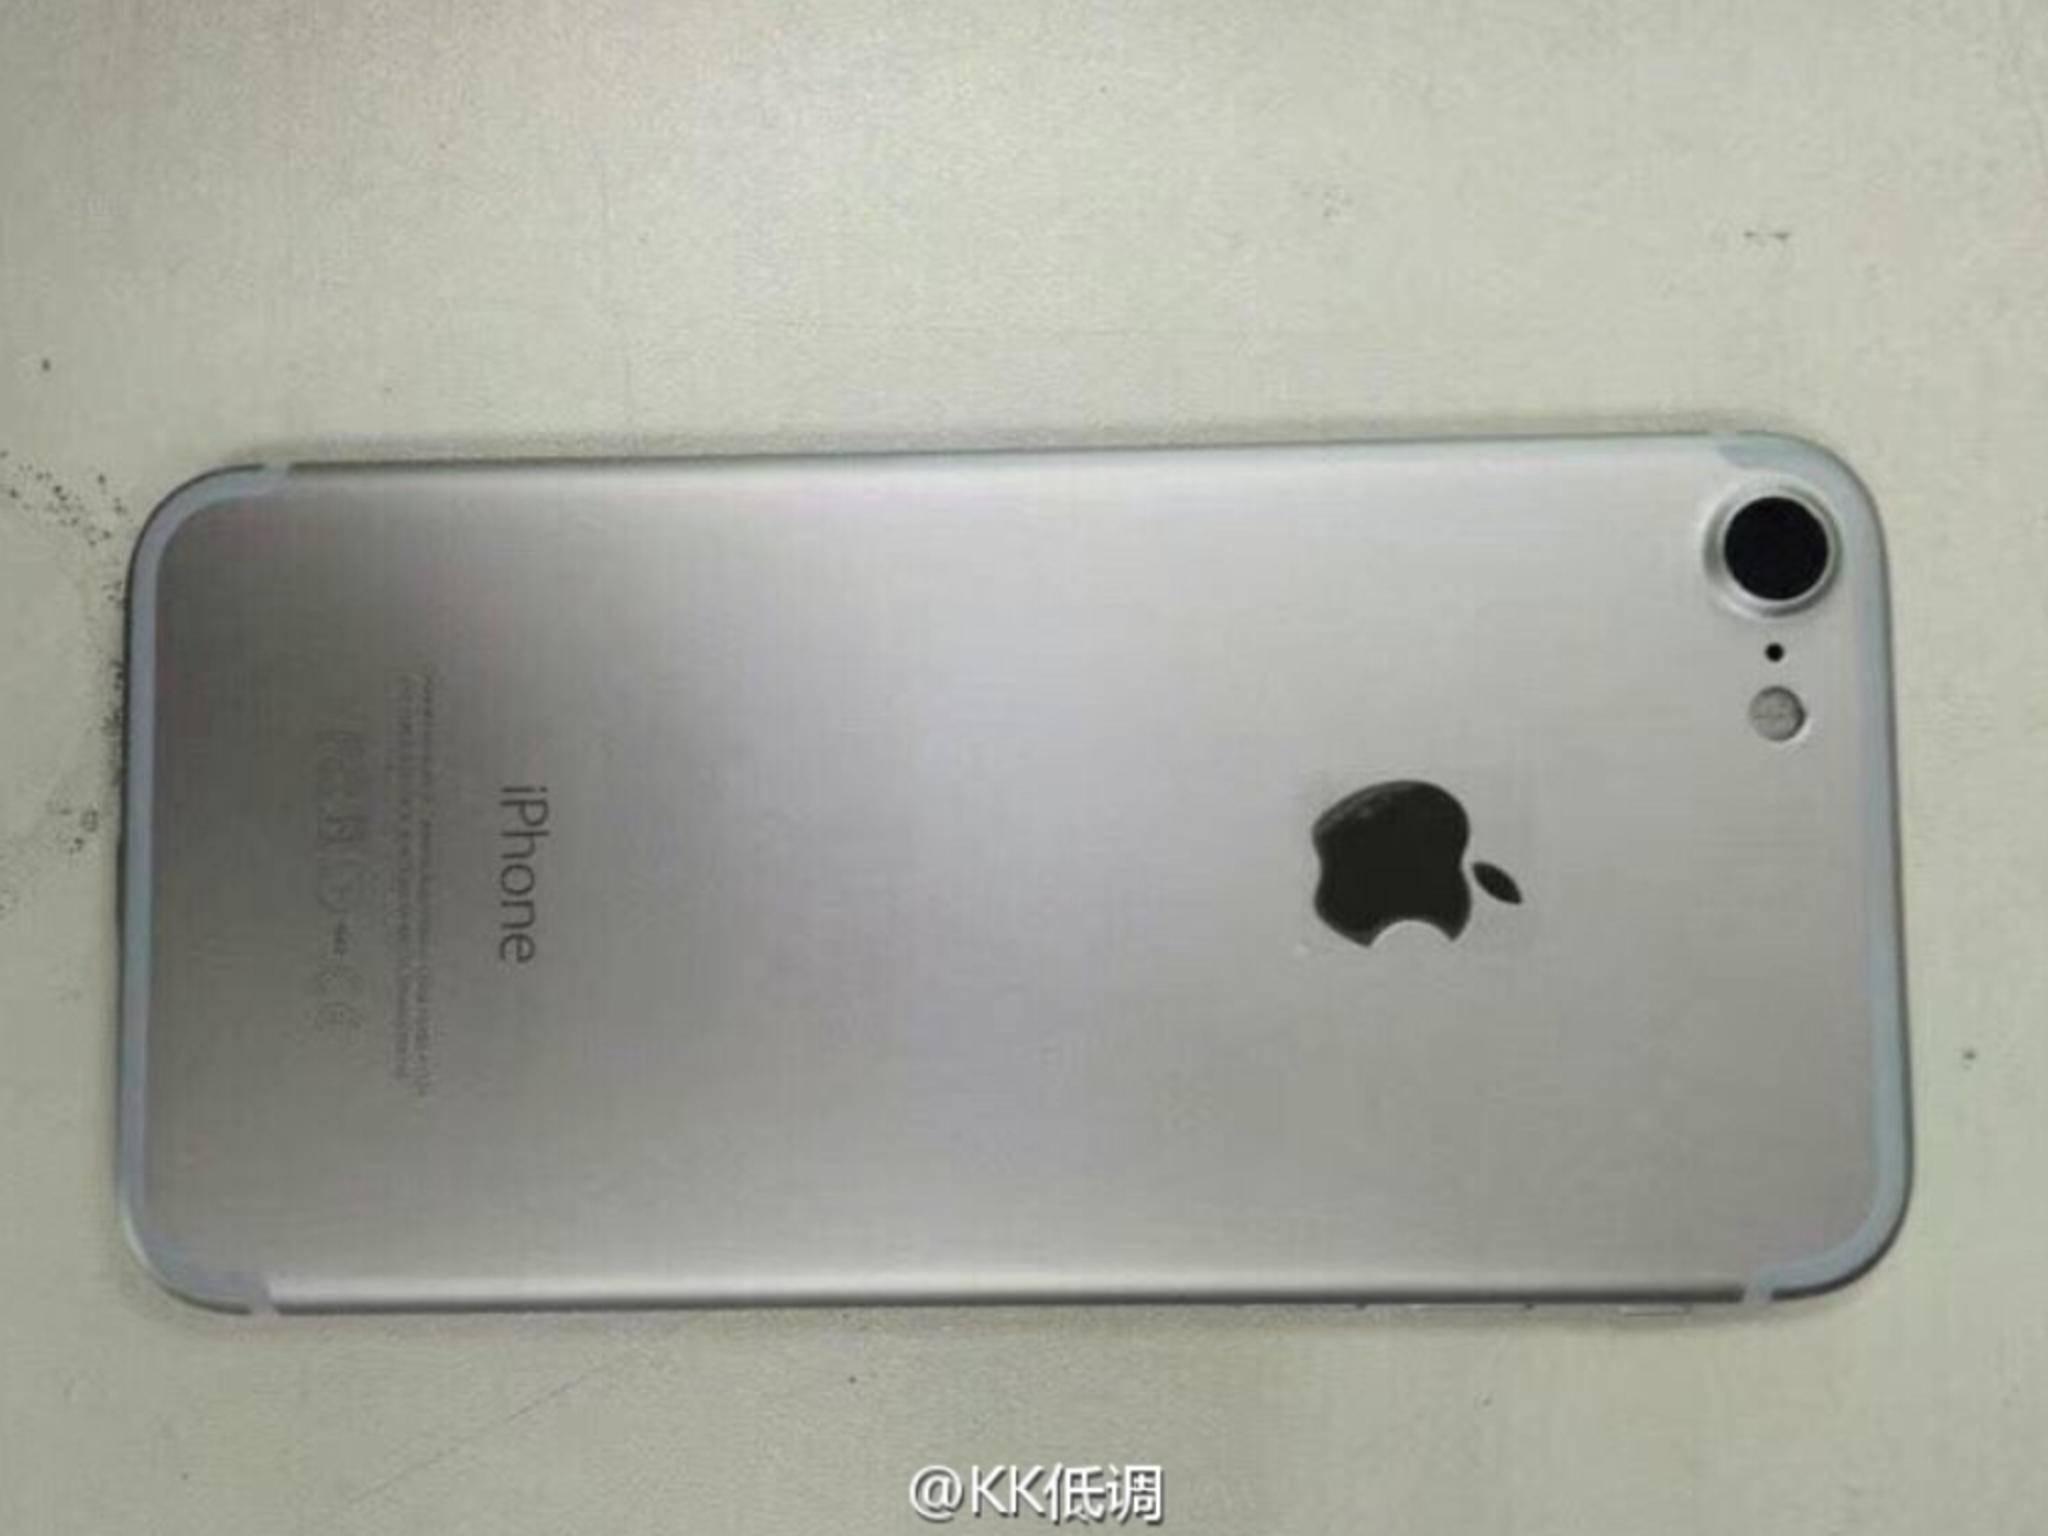 Ein angebliches iPhone 7 in der Variante Space Grau.